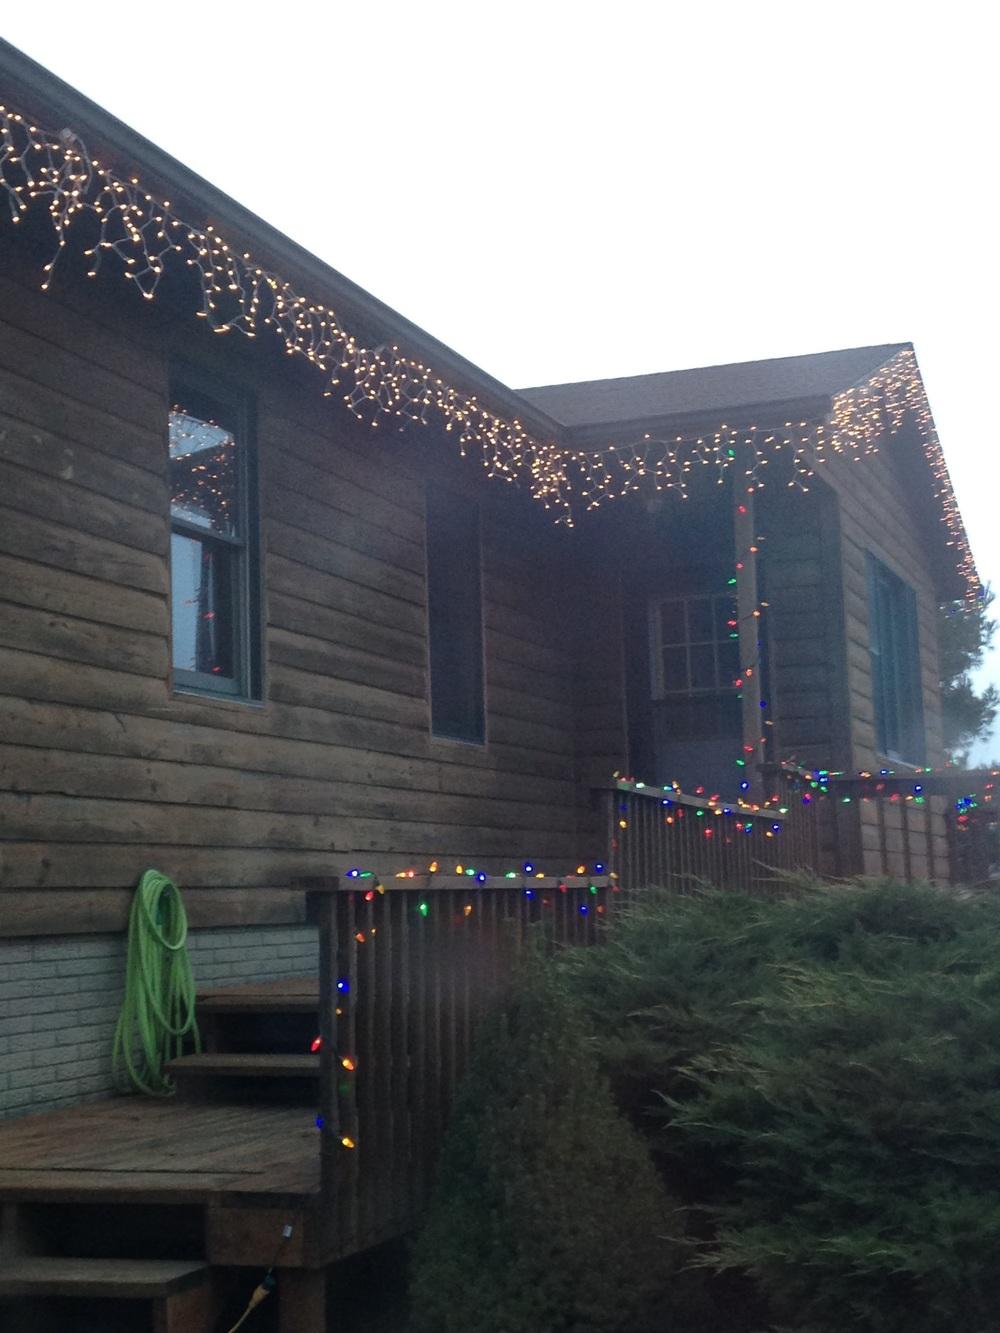 Christmas-Lights-On-House.jpg